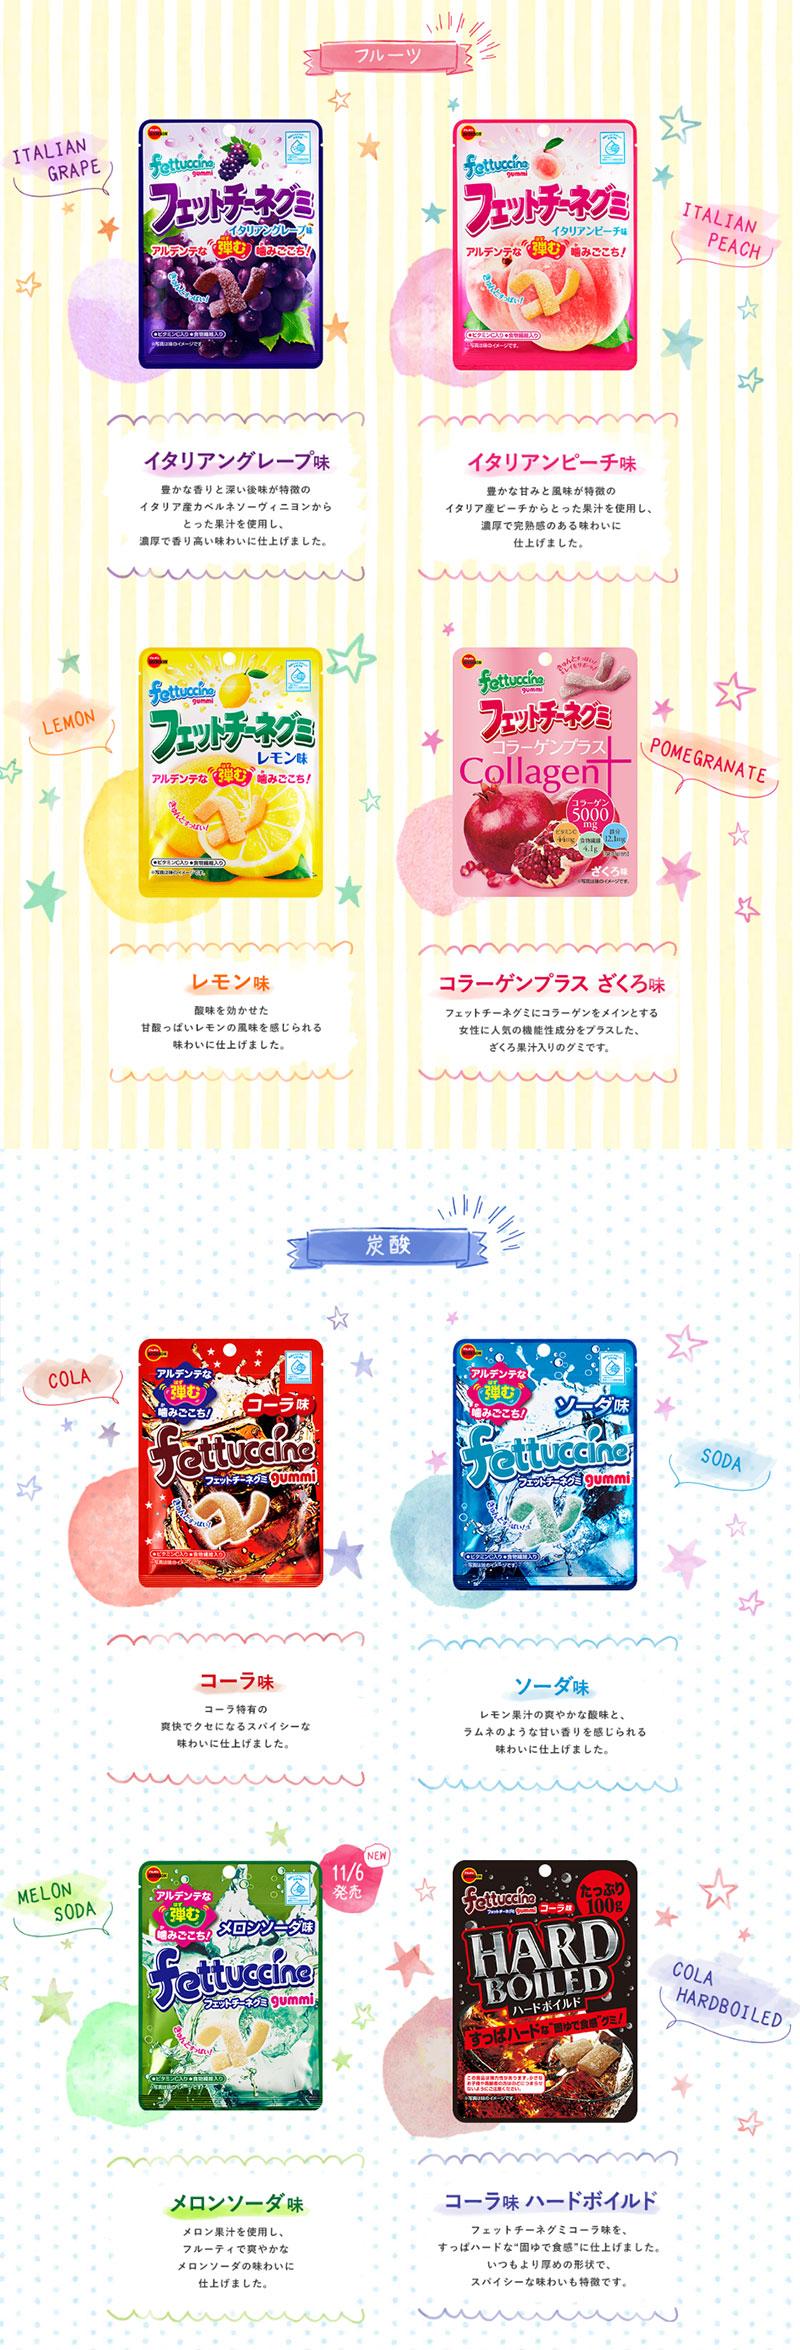 フェットチーネグミ 乃木坂46 乃木恋キャンペーン 対象商品